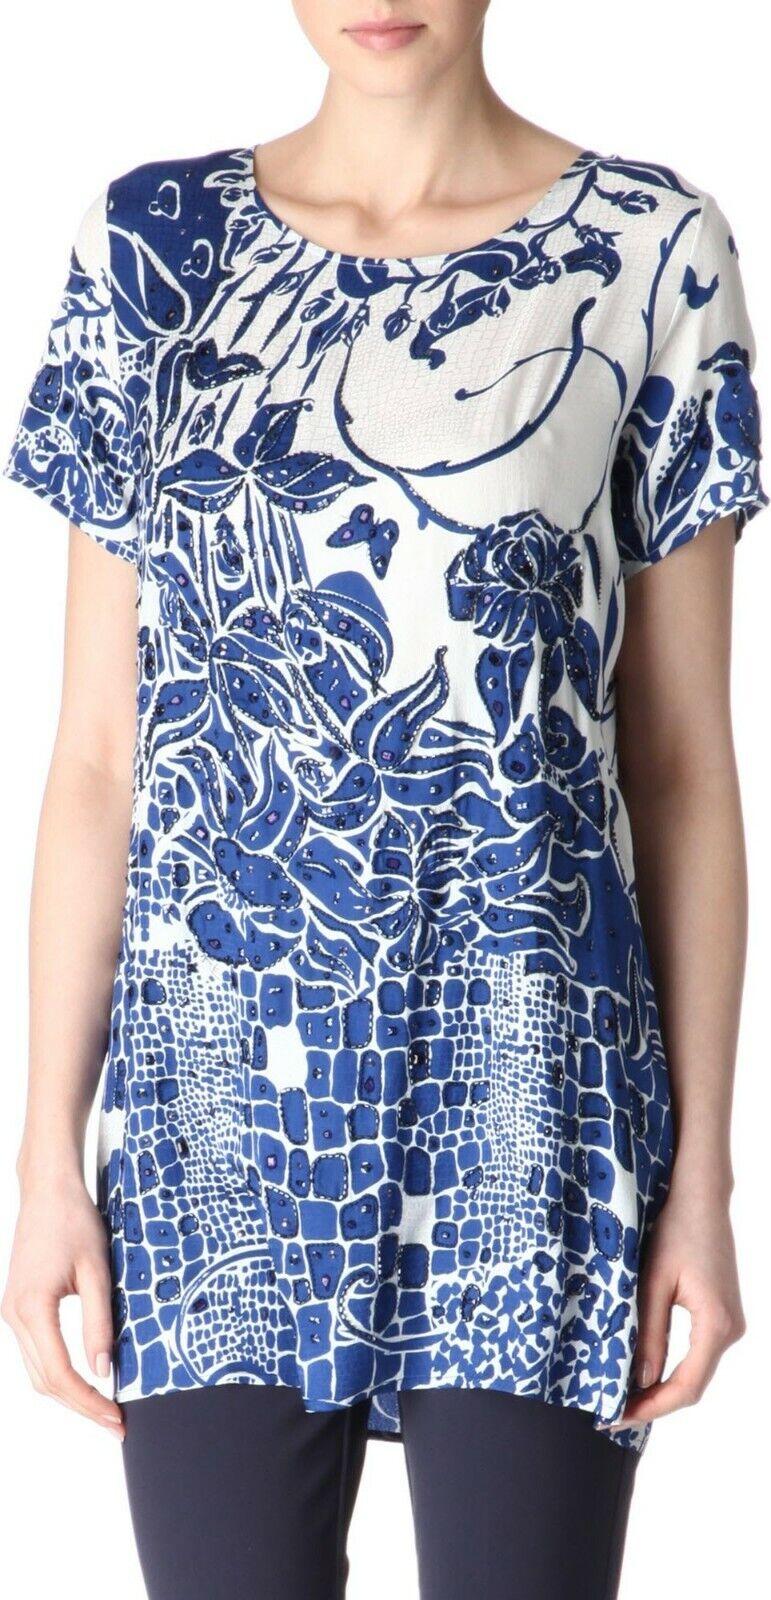 K Emilio PUCCI silk top tunic butterfly Blau Weiß embellished  sz 42 8 10 M L